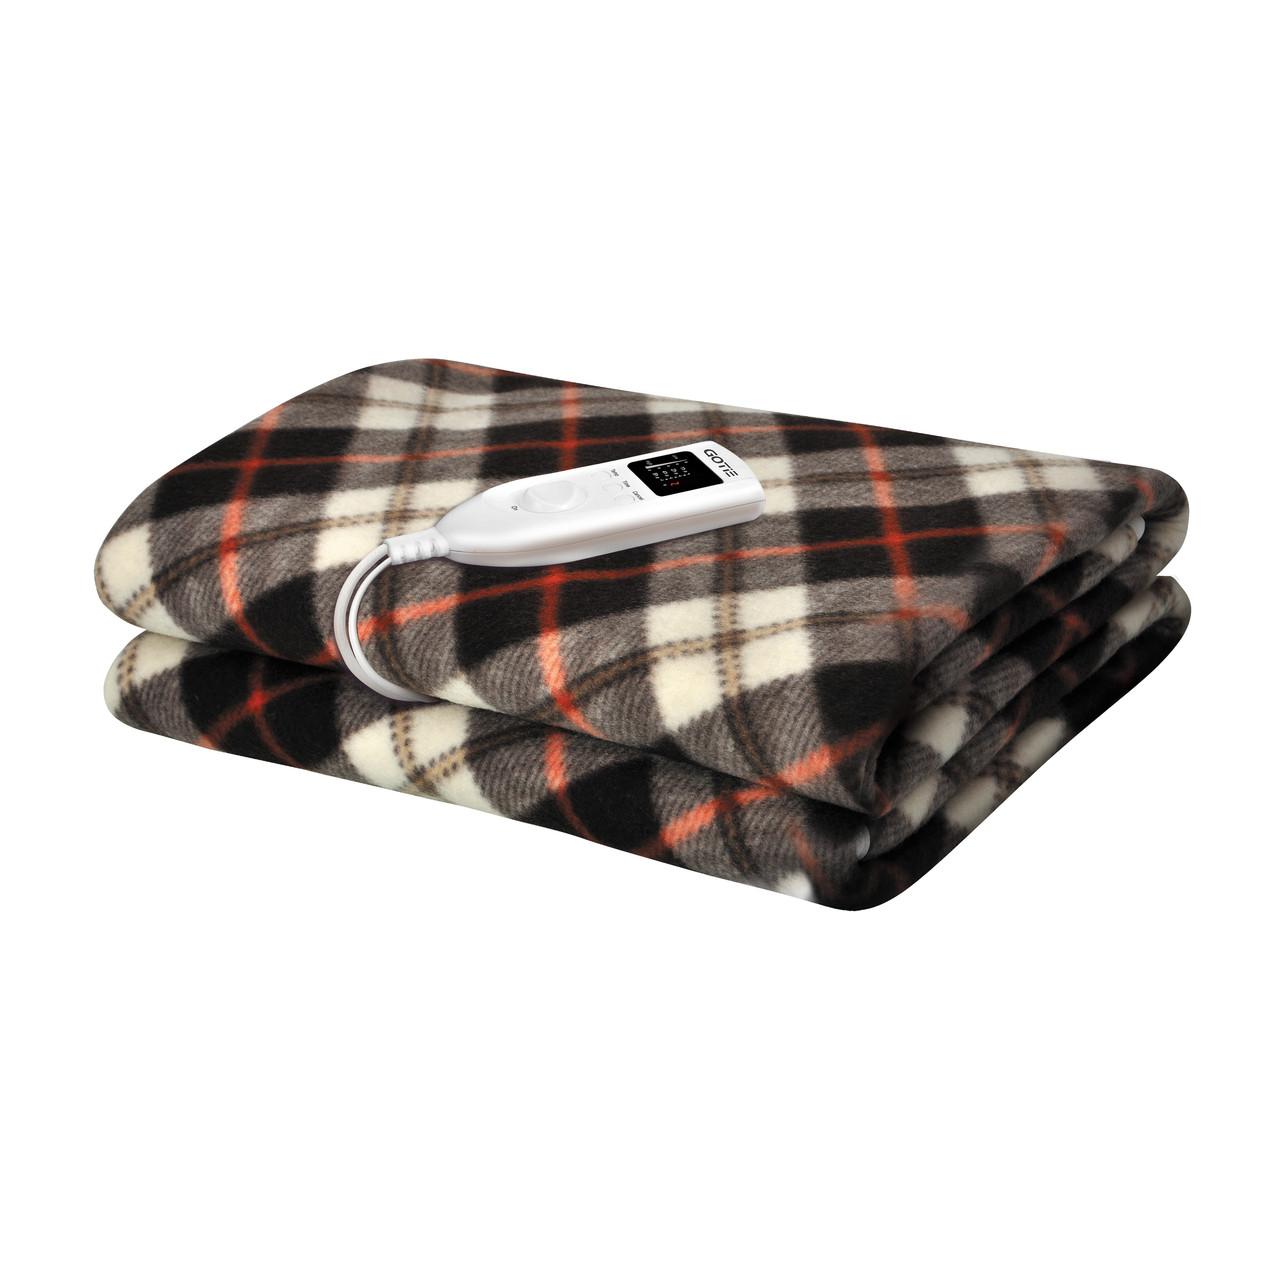 Одеяло с подогревом Gotie GKE-150B